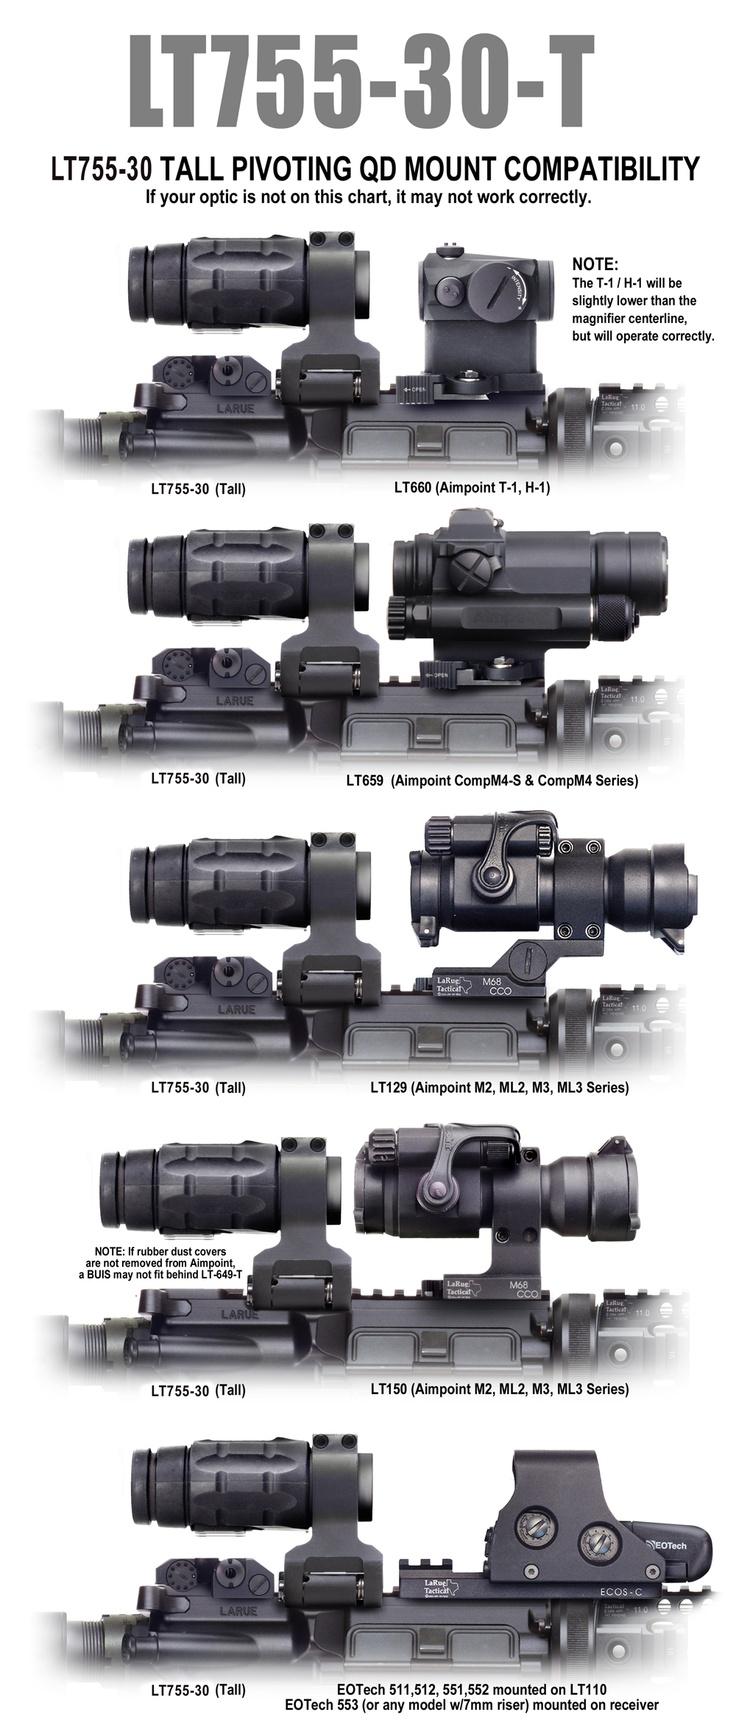 optics Составной оптический прицел из коллиматора и увеличителя